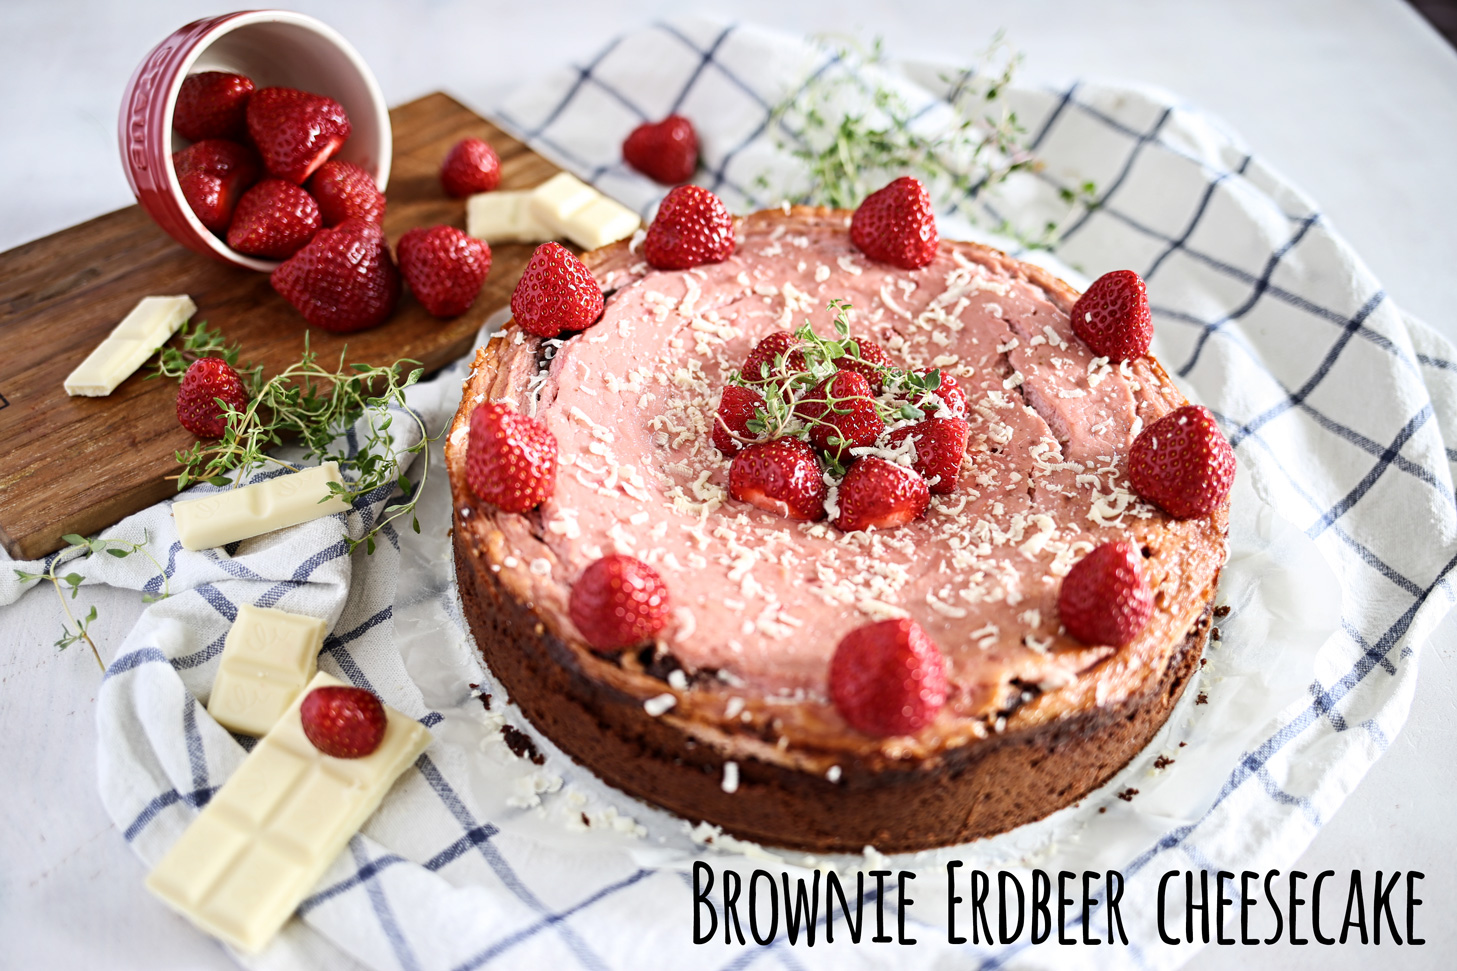 Brownie-Erdbeer-Cheesecake